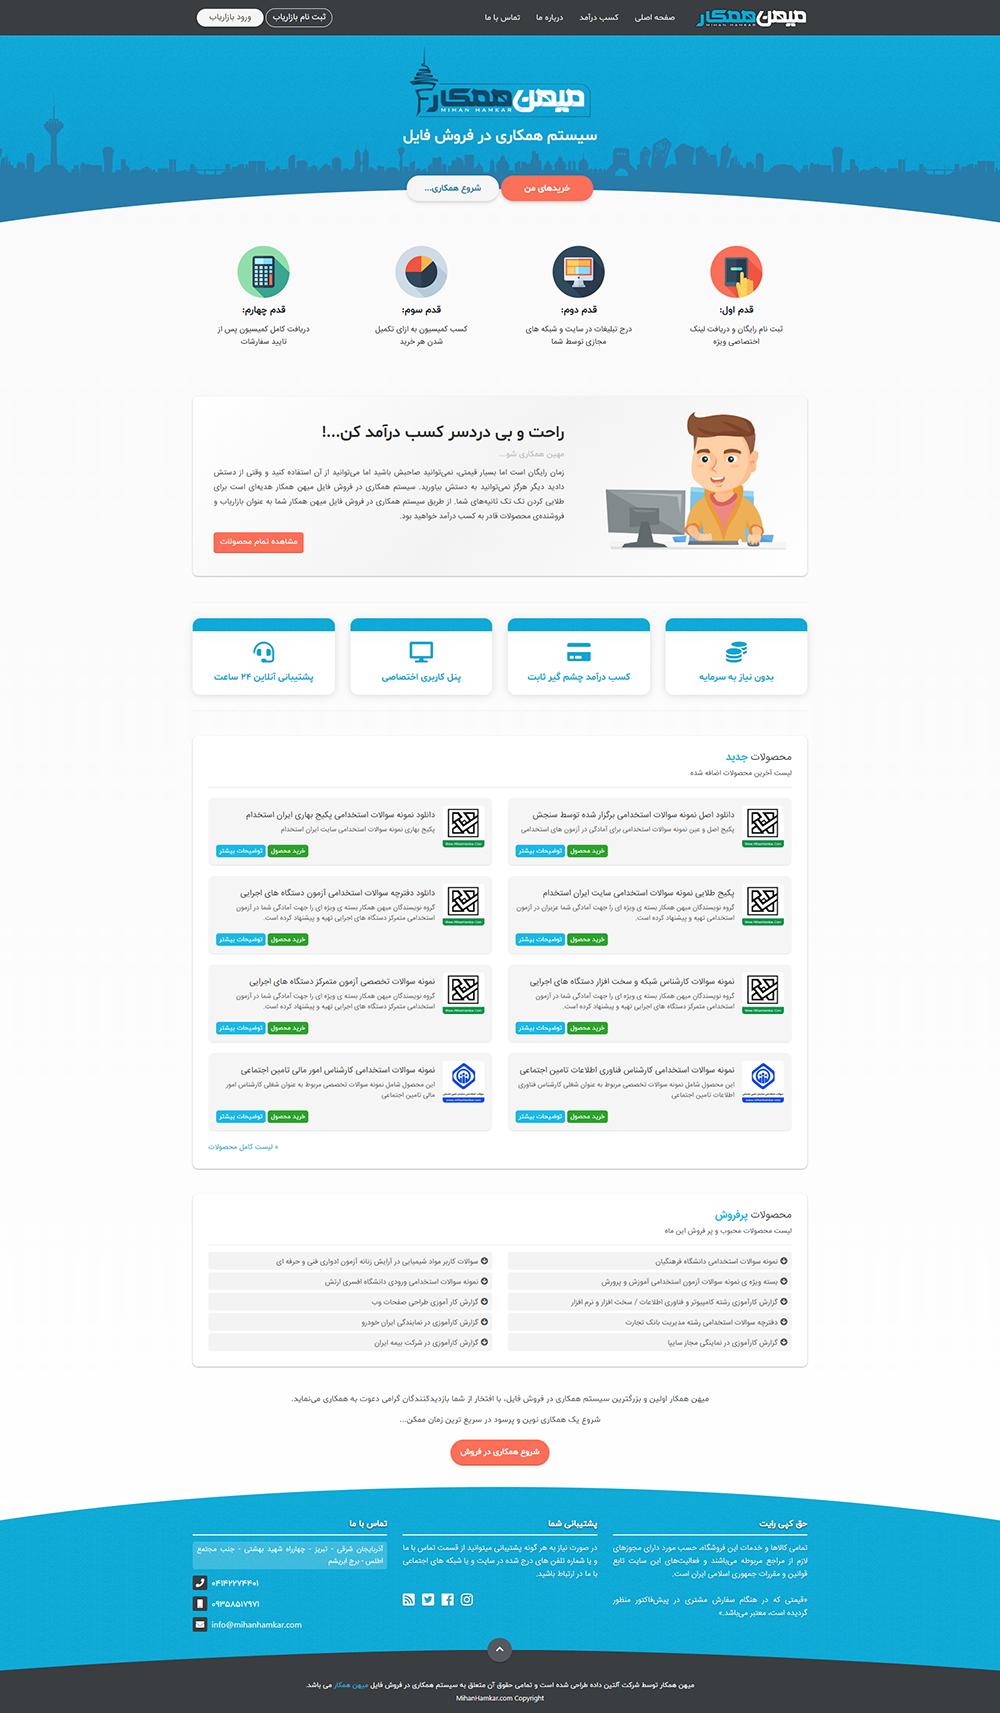 طراحی قالب سایت میهن همکار